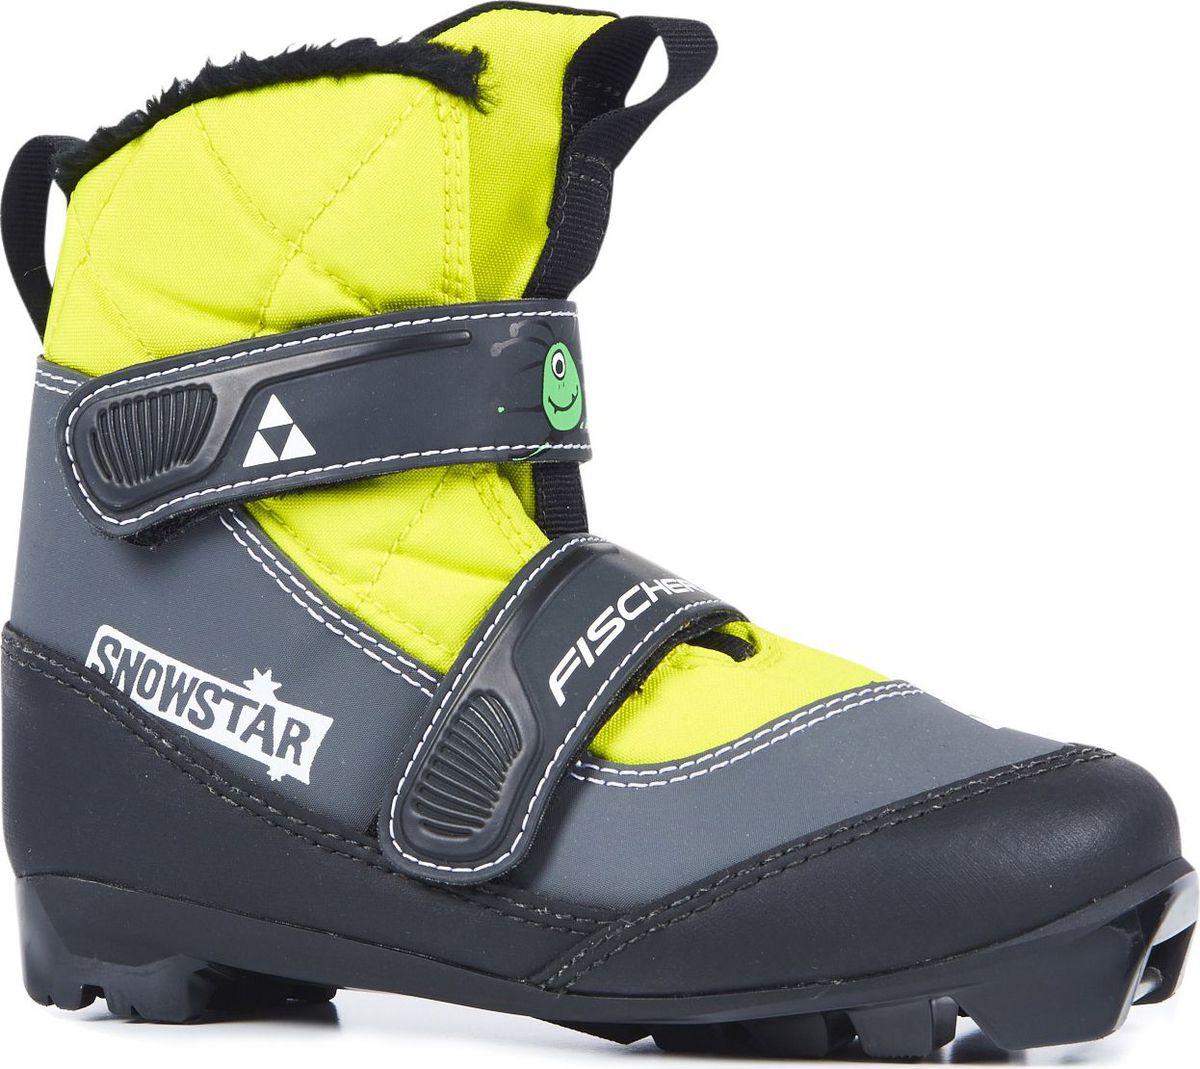 Ботинки лыжные для мальчика Fischer Snowstar, цвет: желтый. S41017. Размер 27S41017Лыжные ботинки Fischer Snowstar - модель для самых маленьких лыжников. Комфортная мягкая подошва, водоотталкивающий утеплитель Comfort Guard дополнительно защищает от холода и влаги, удобная застежка-липучка облегчает надевание. В ботинках удобно не только кататься, но и гулять, играть.Преимущества для потребителей:- Удобно надевать и снимать.- Очень теплые.- Подходят для катания и игр на снегу.